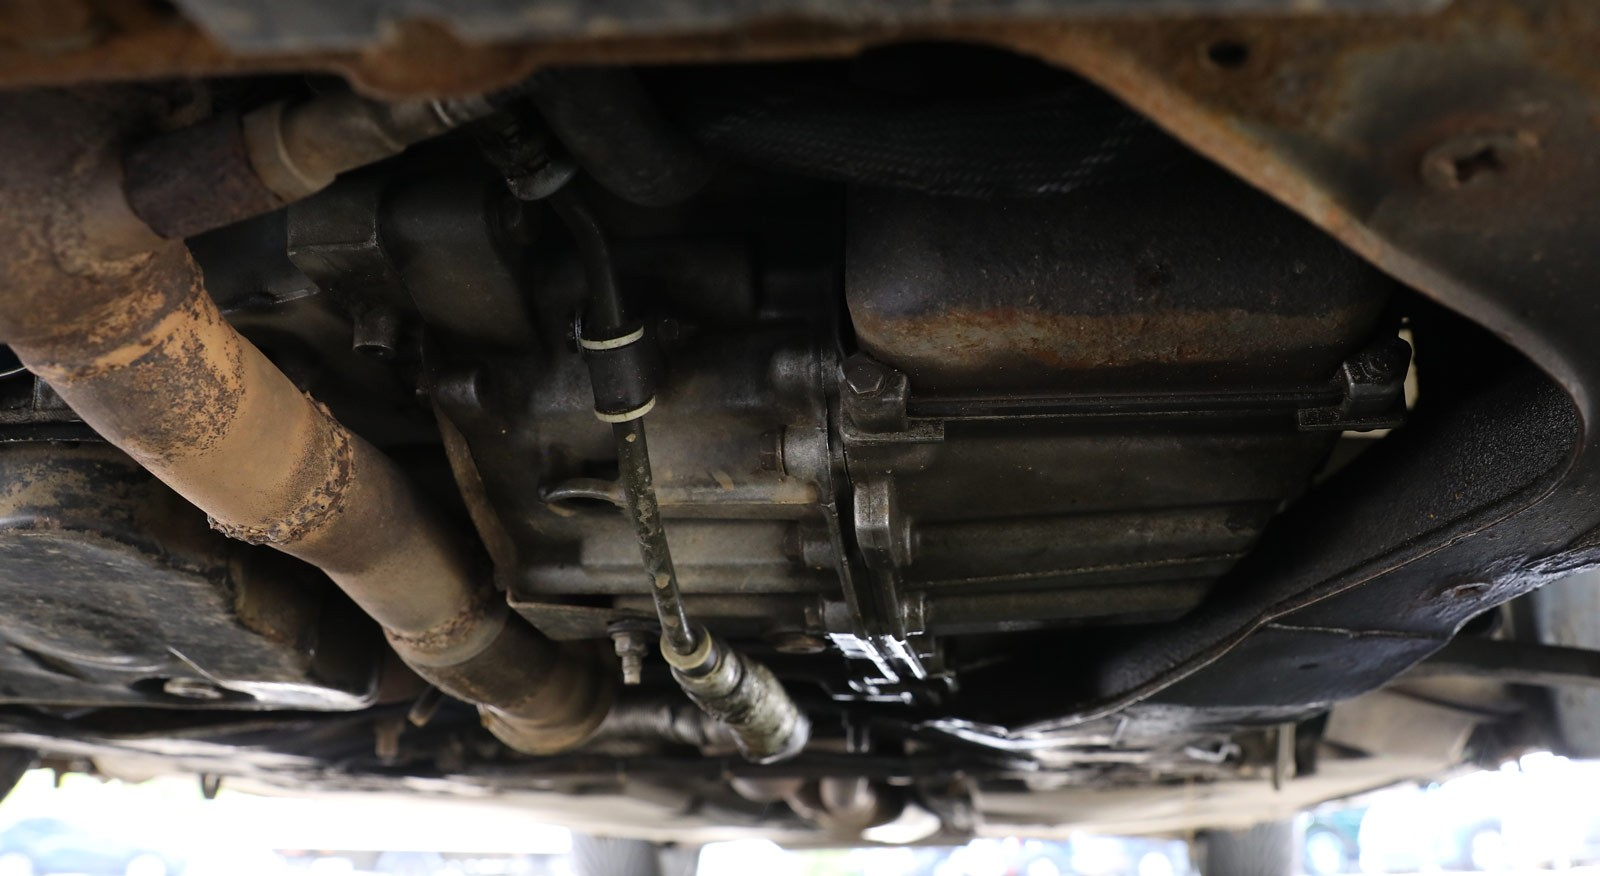 Peugeot 607 с пробегом: близкие к идеалу моторы и АКП и пара странностей в подвеске